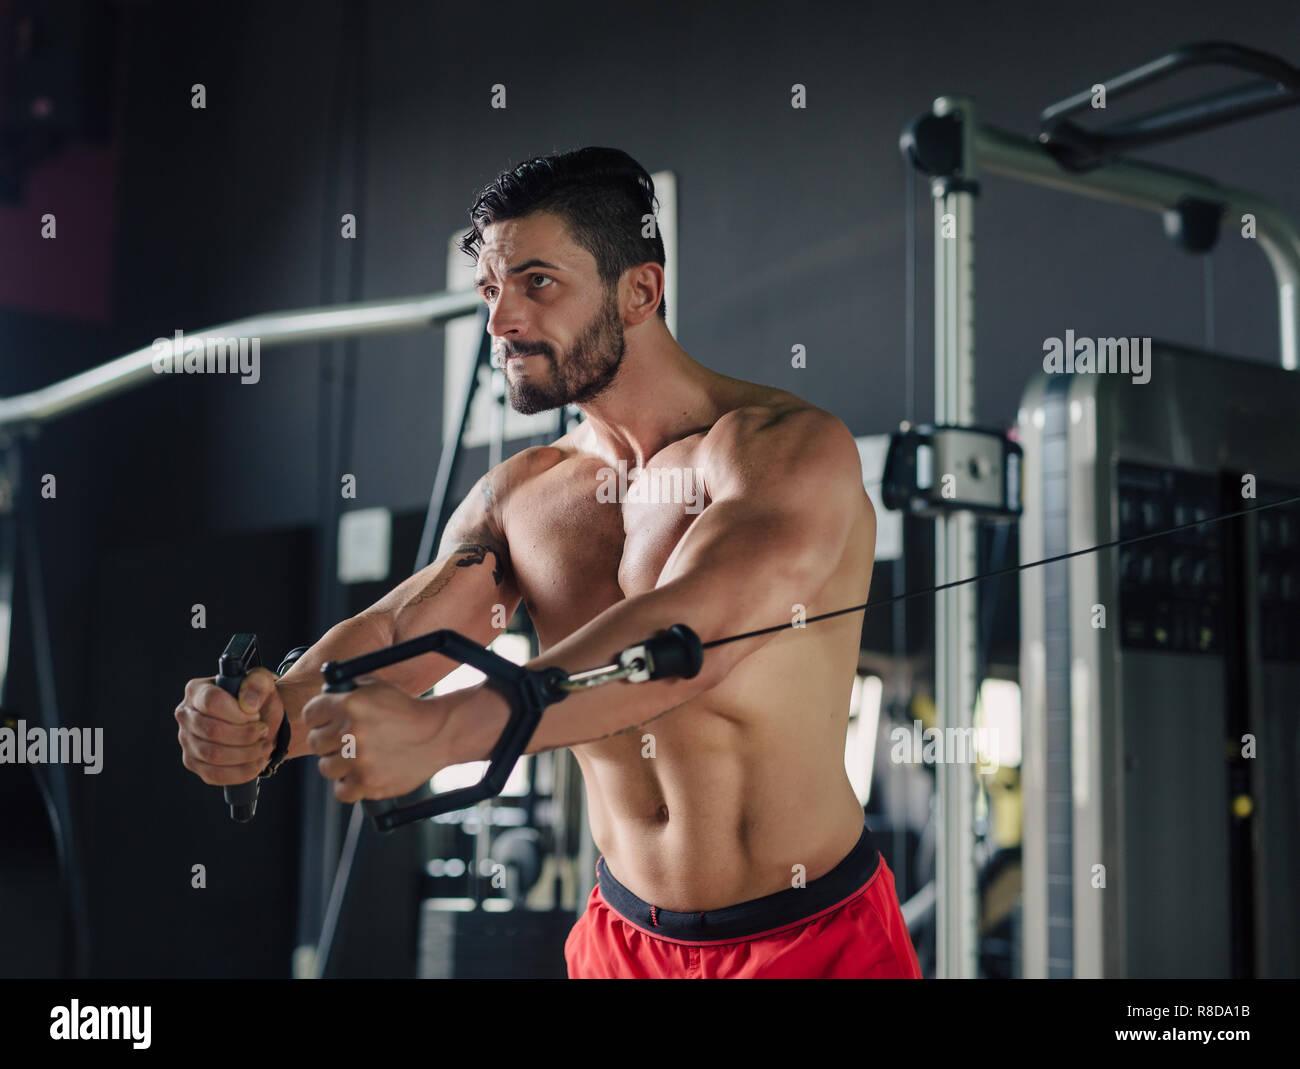 Homme fort dans la salle de sport faire des exercices de la poitrine Photo Stock